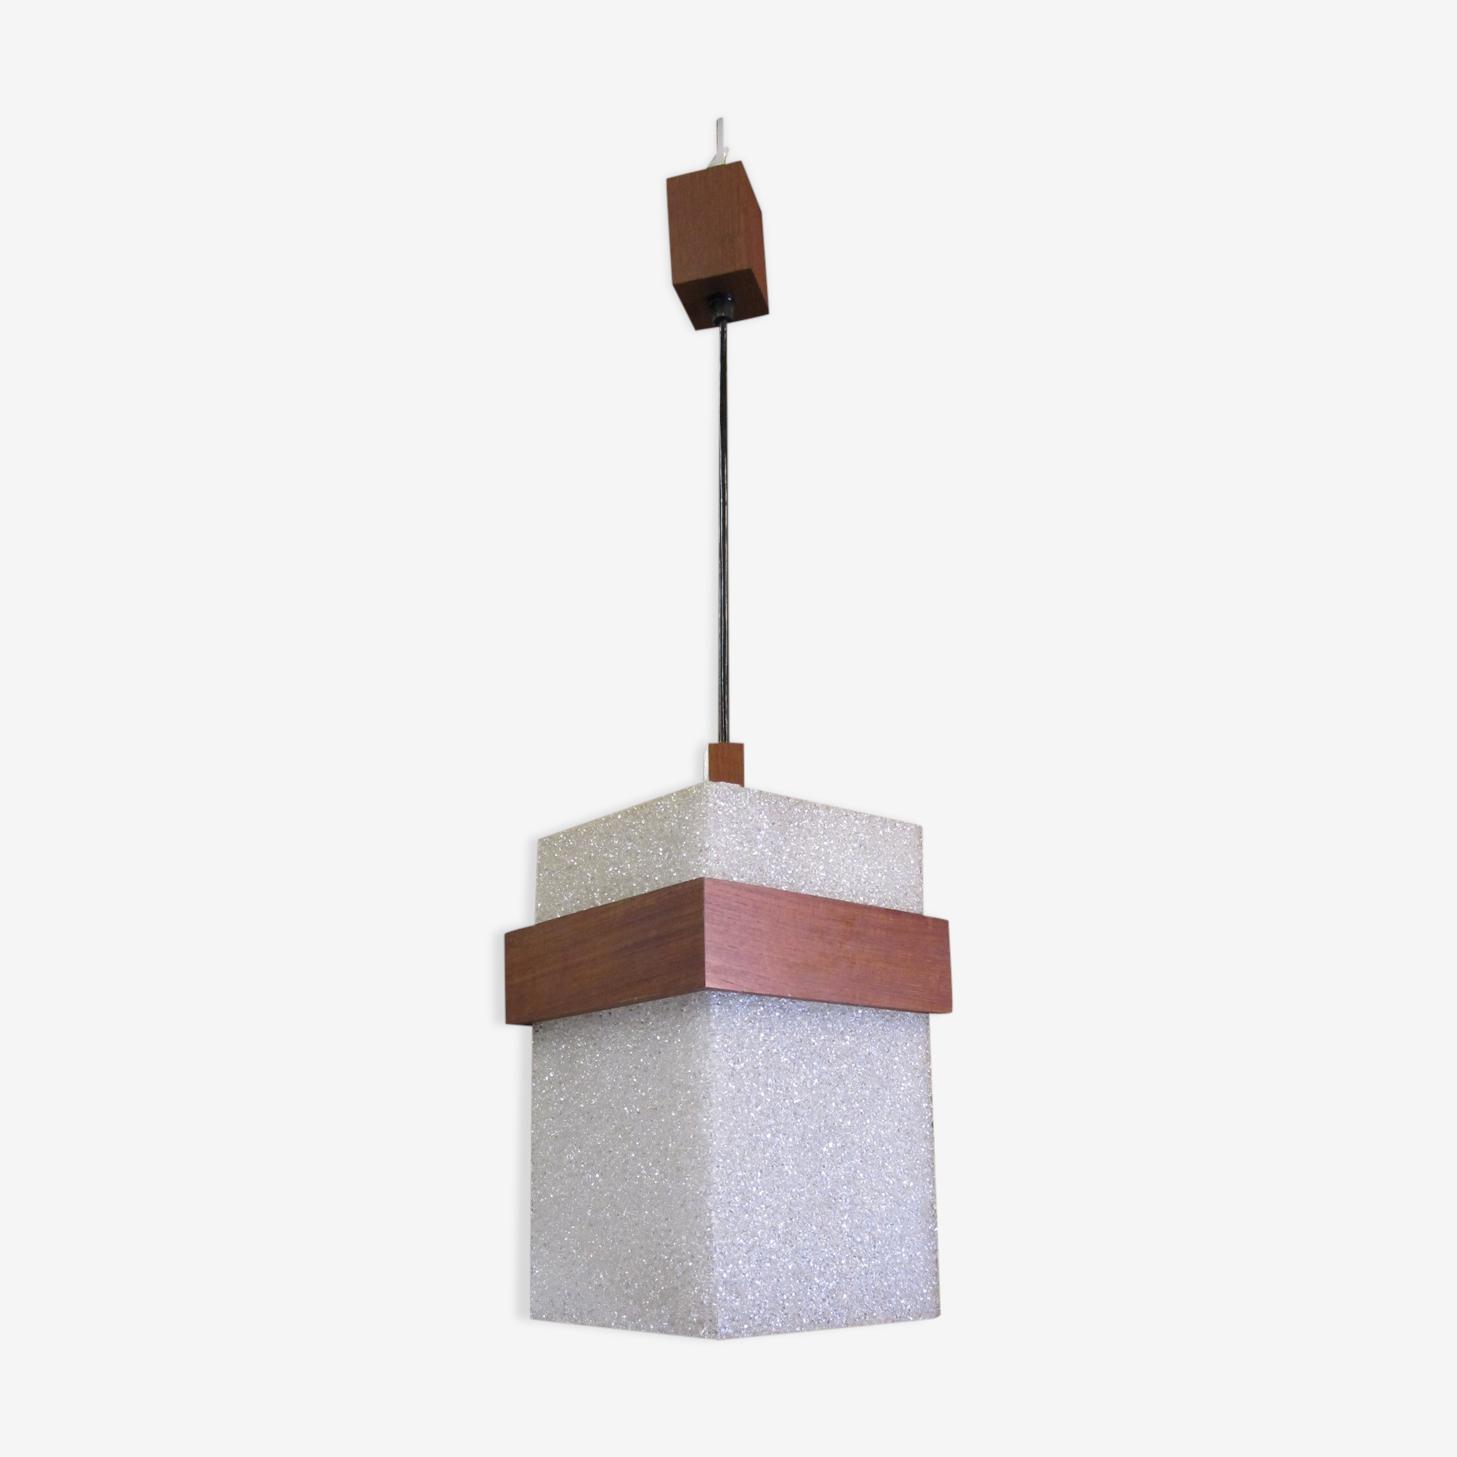 Suspension bois et perspex granité style scandinave